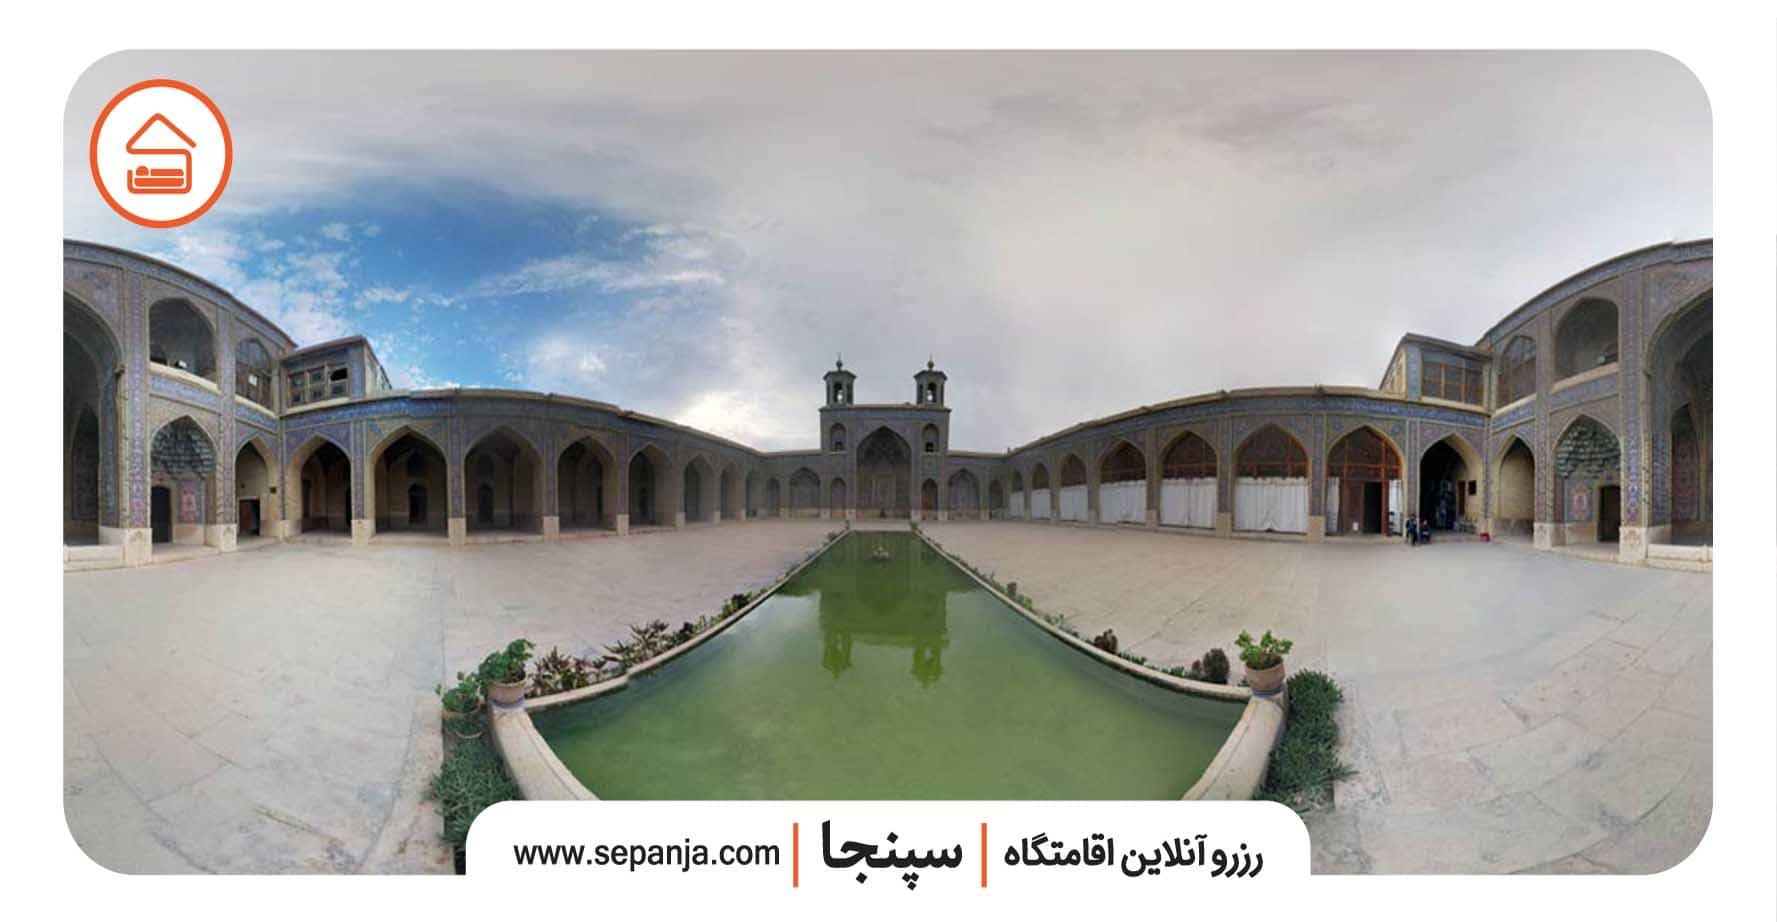 مسجدنصیر الملک از بهترین جاهای دیدنی شیراز